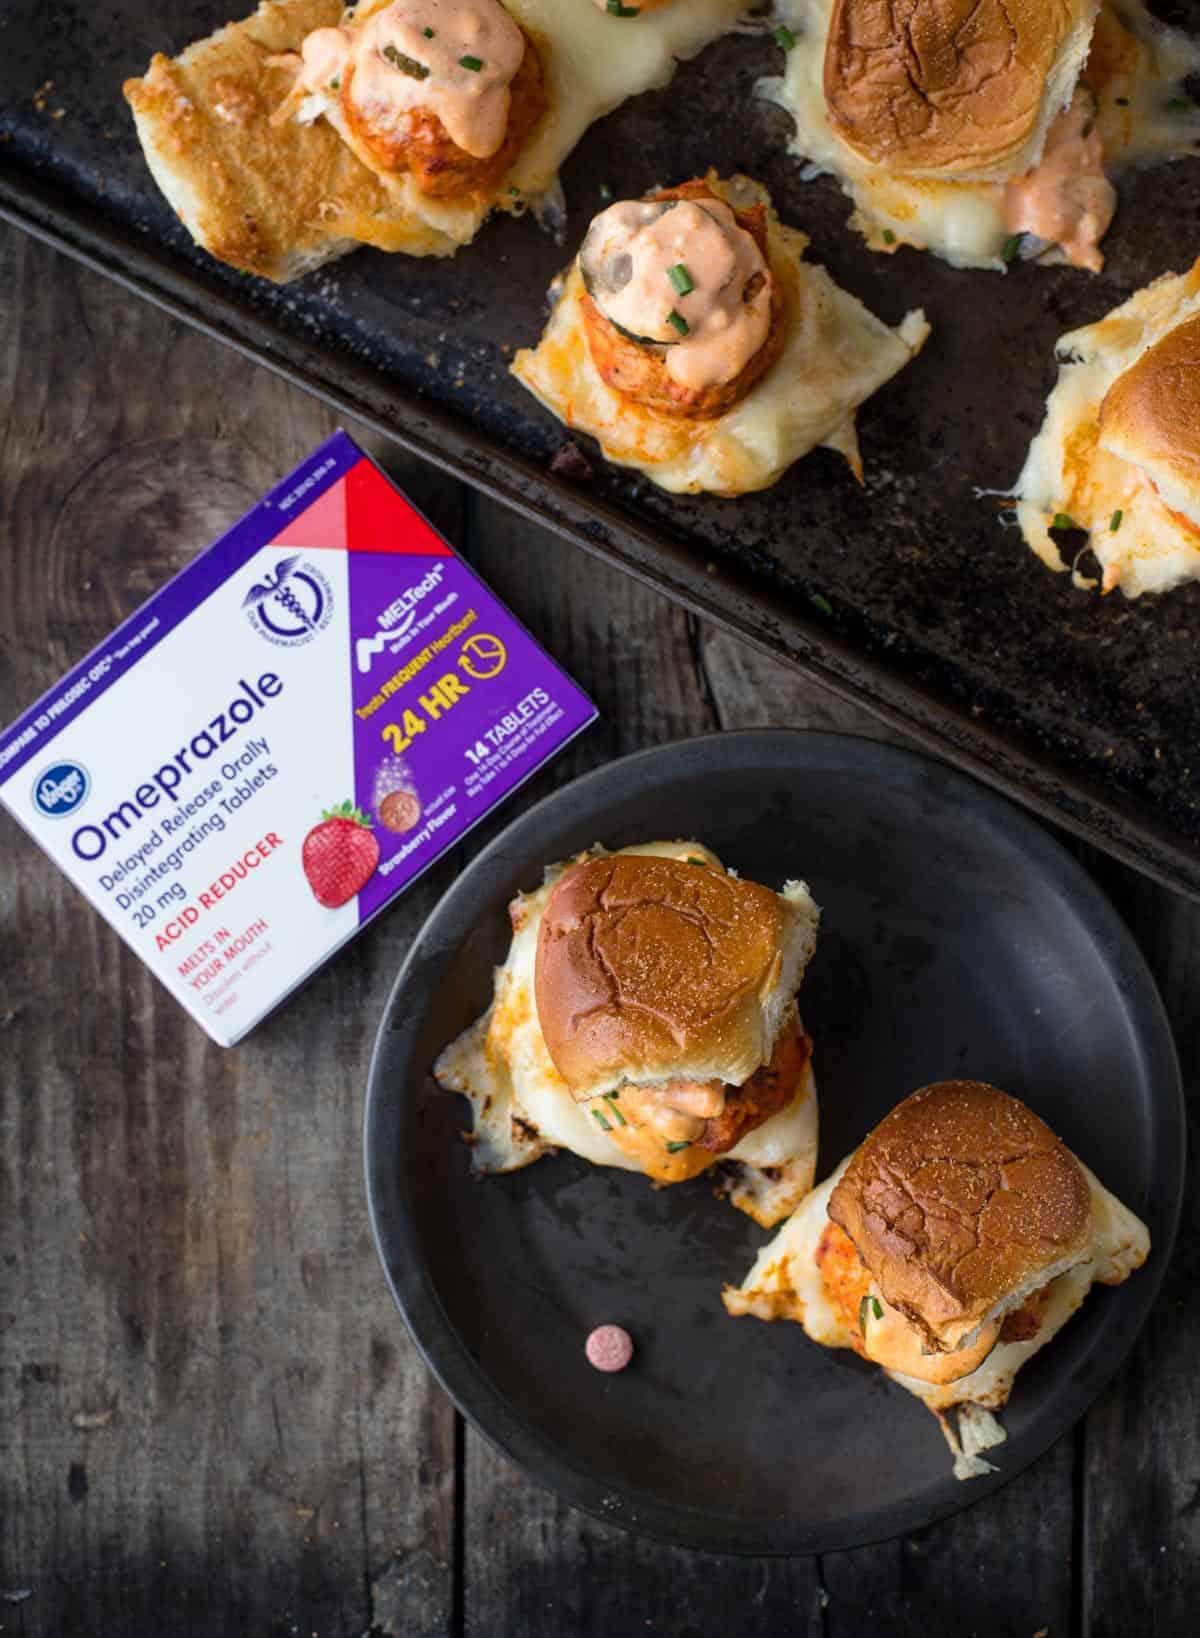 A platter of Buffalo Chicken Meatball Sliders alongside a package of Omeprazole